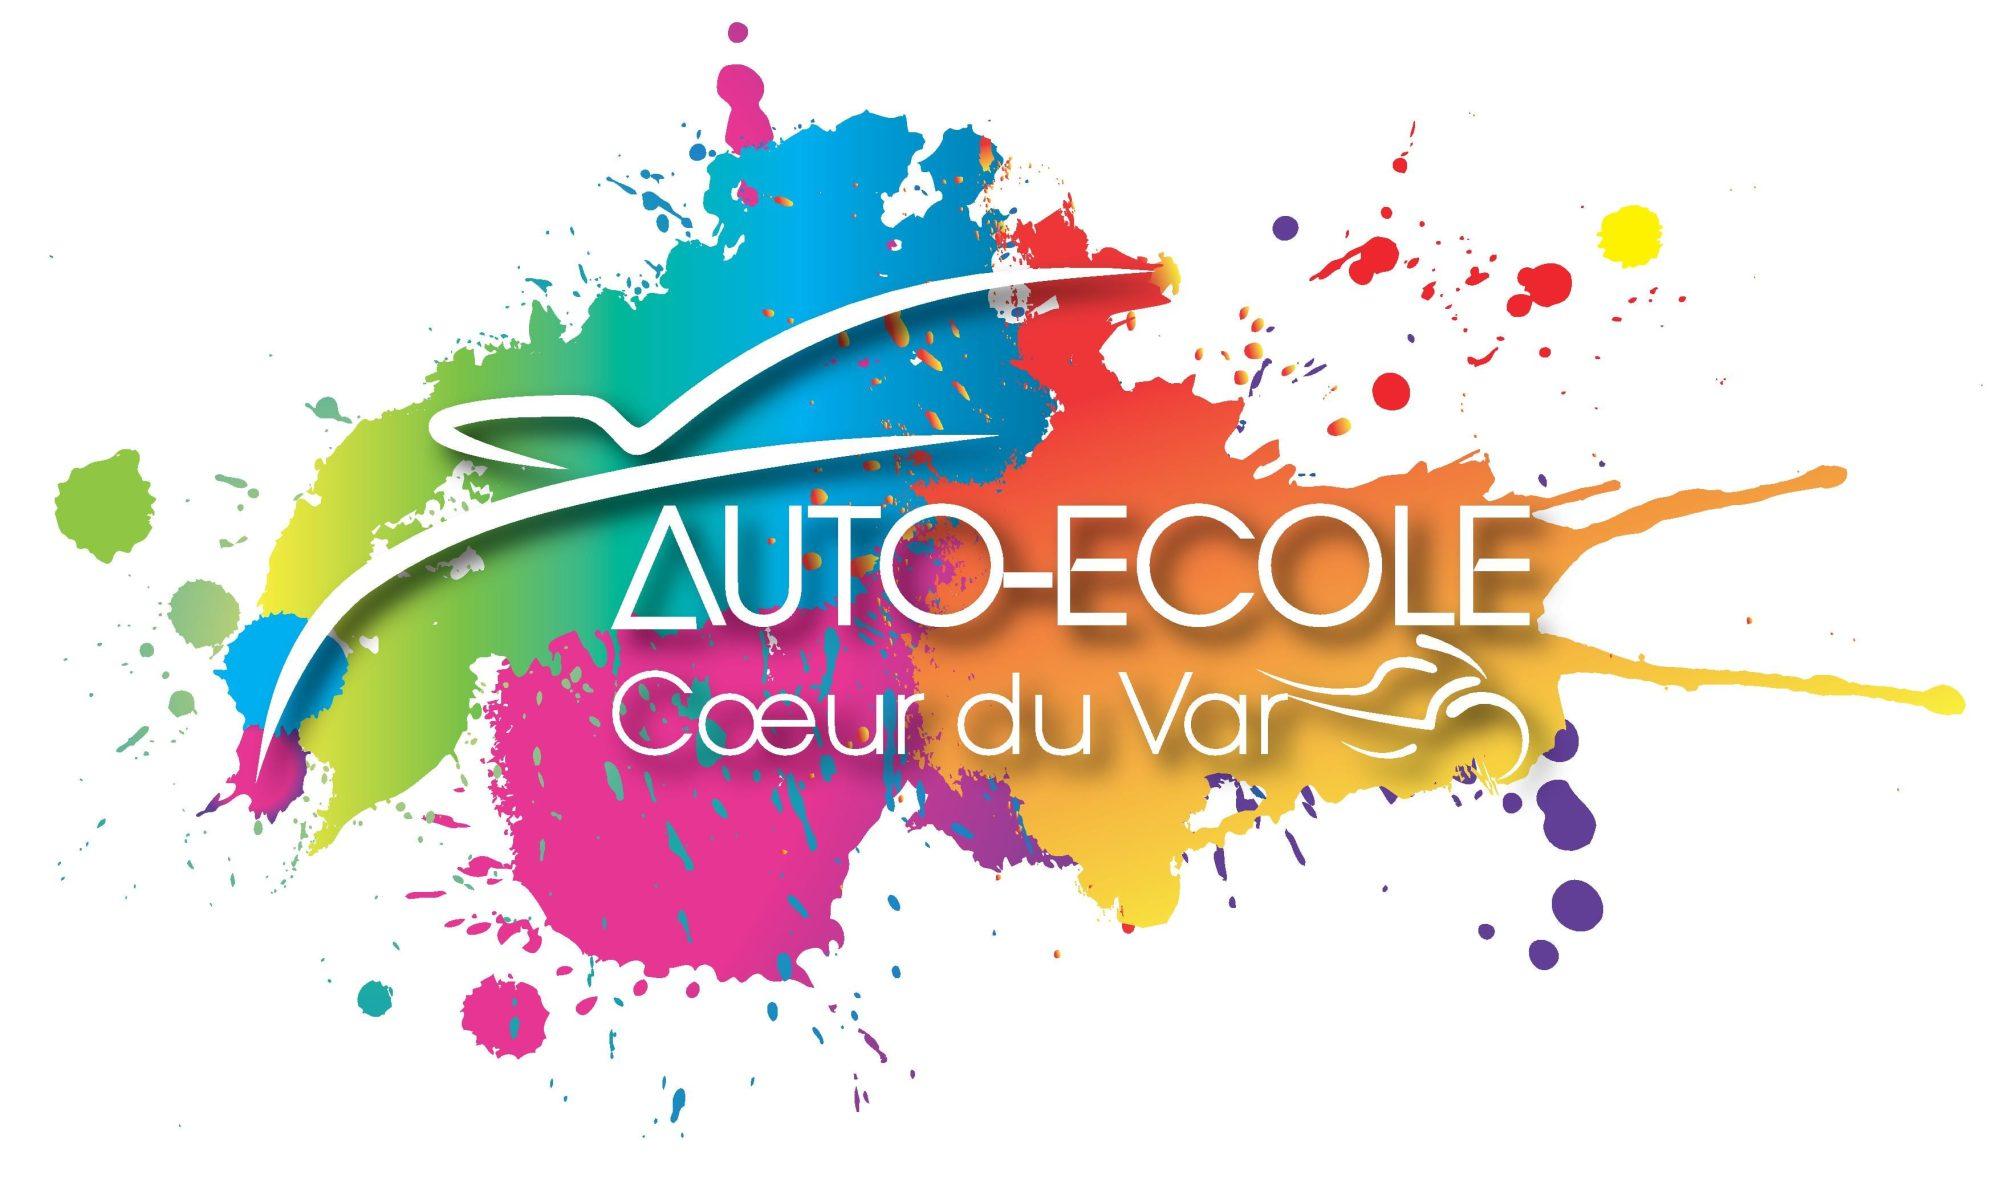 Auto ecole coeur du Var